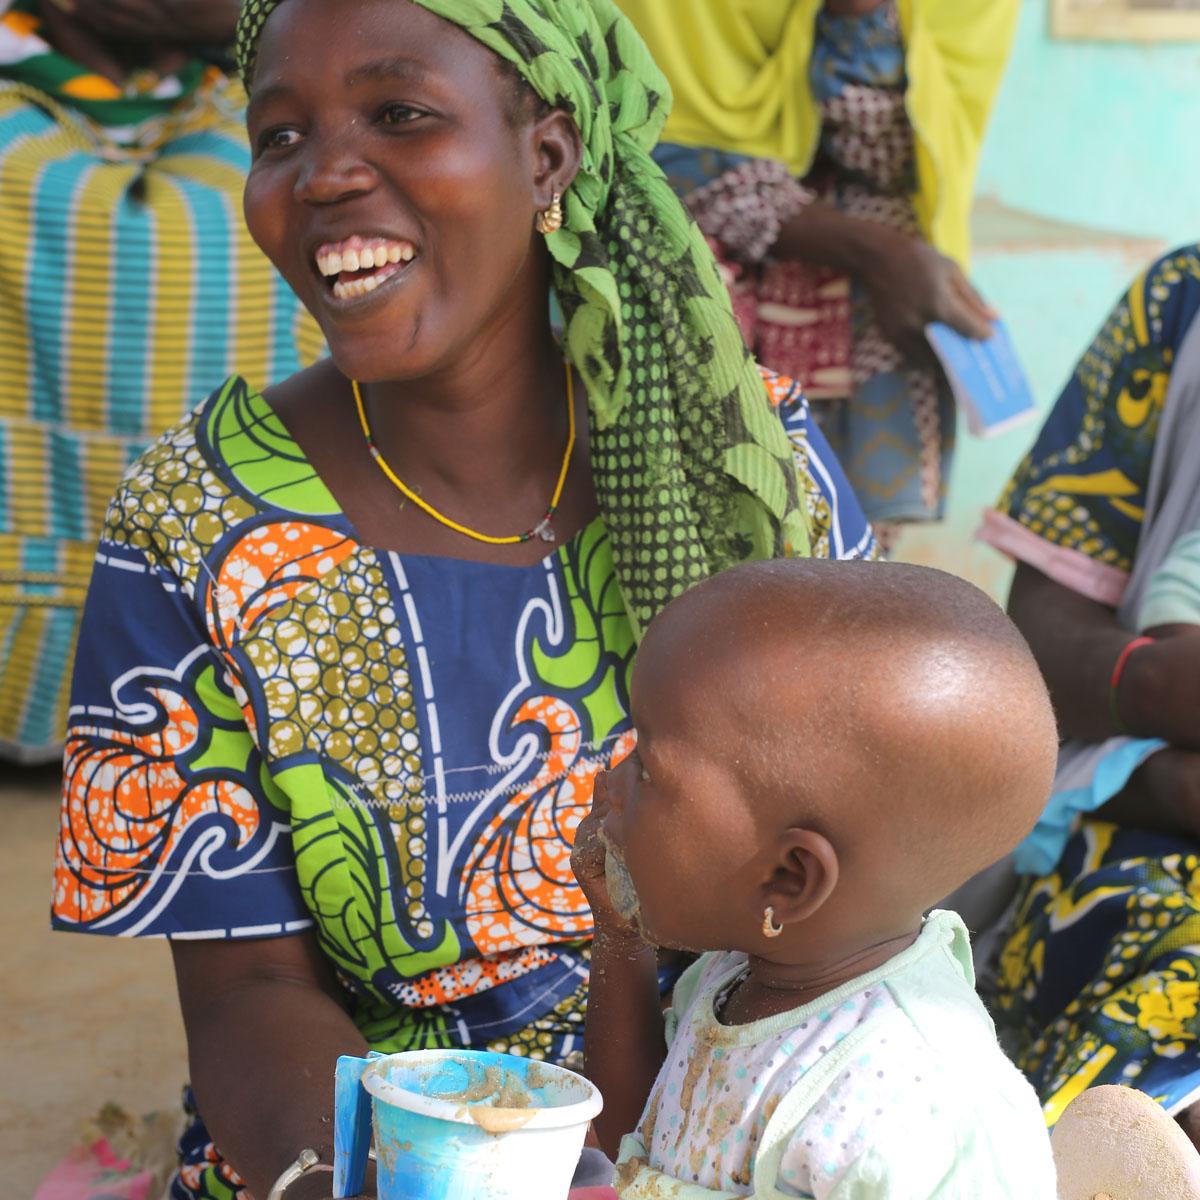 Un niño con su madre bebe papiCentro  de rehabilitacion nutricional en Dori  región del Sahel